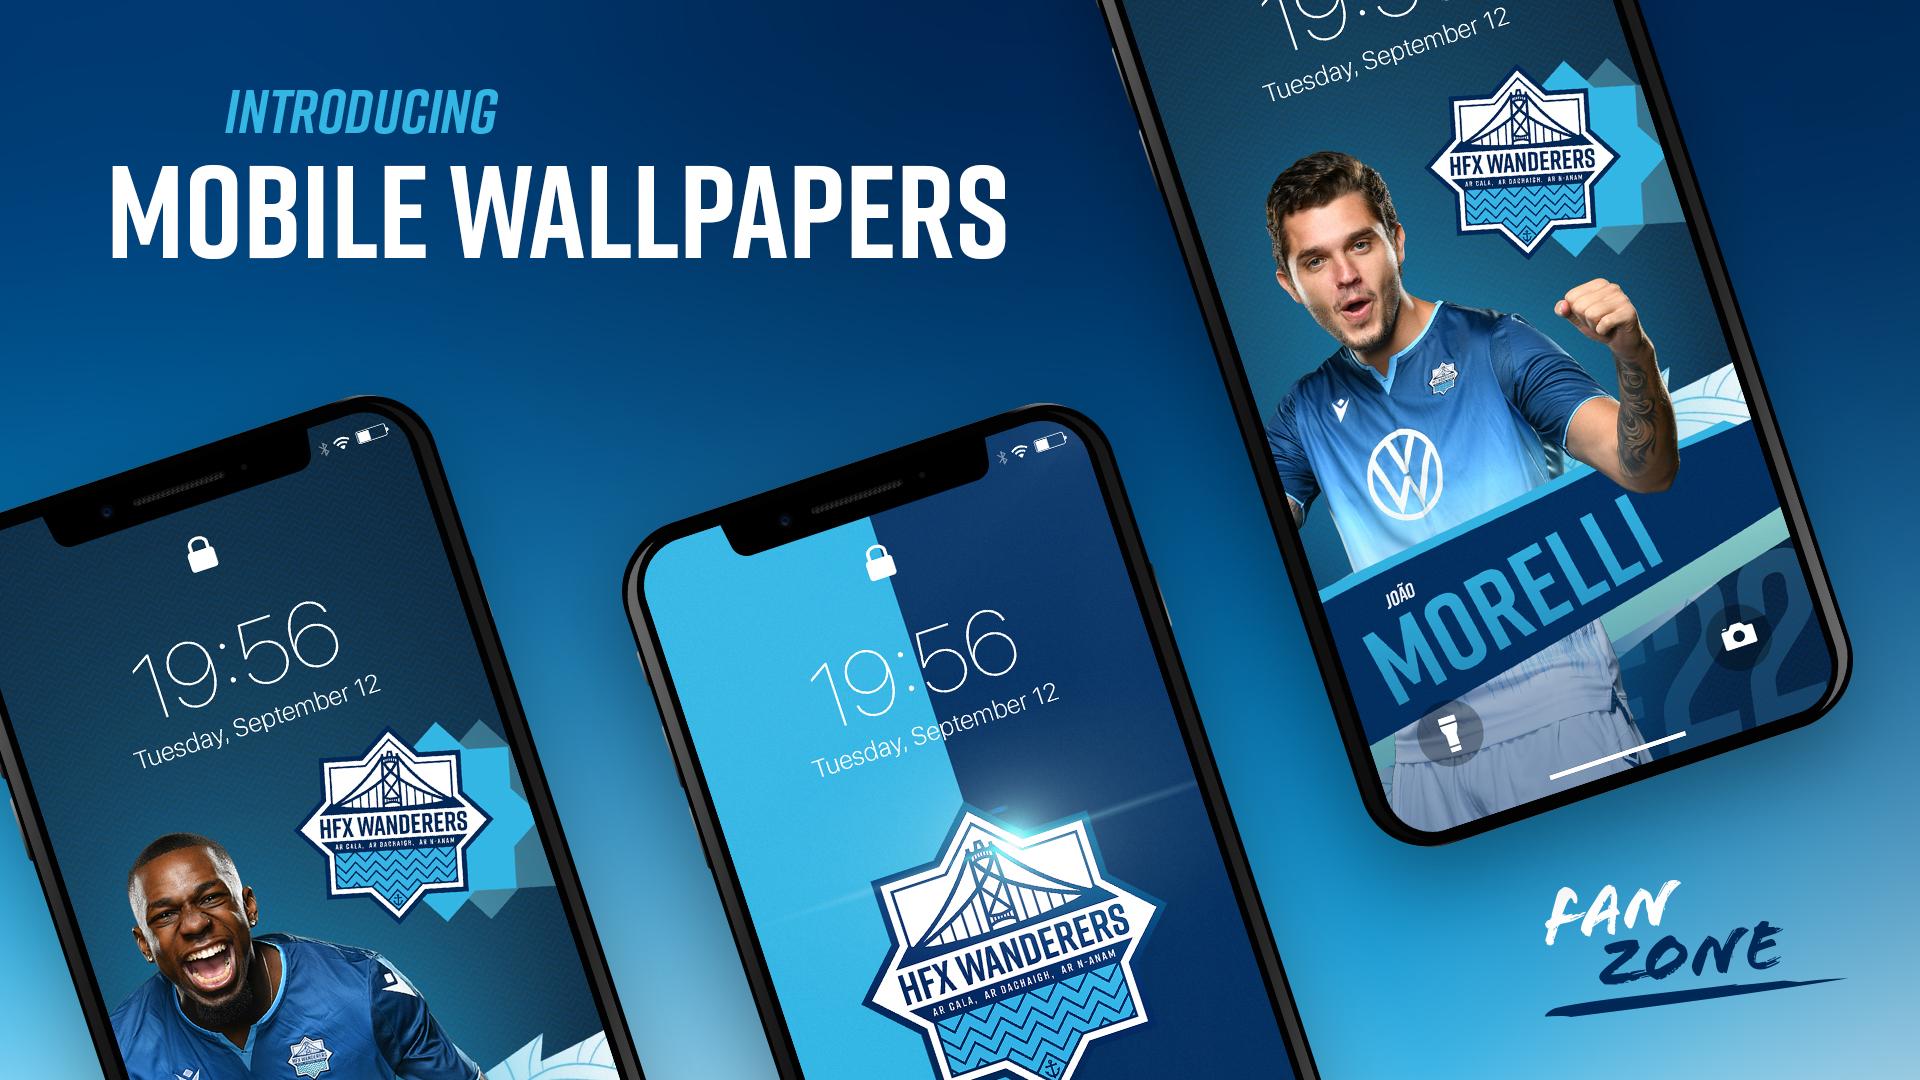 mobile_wallpaper_social